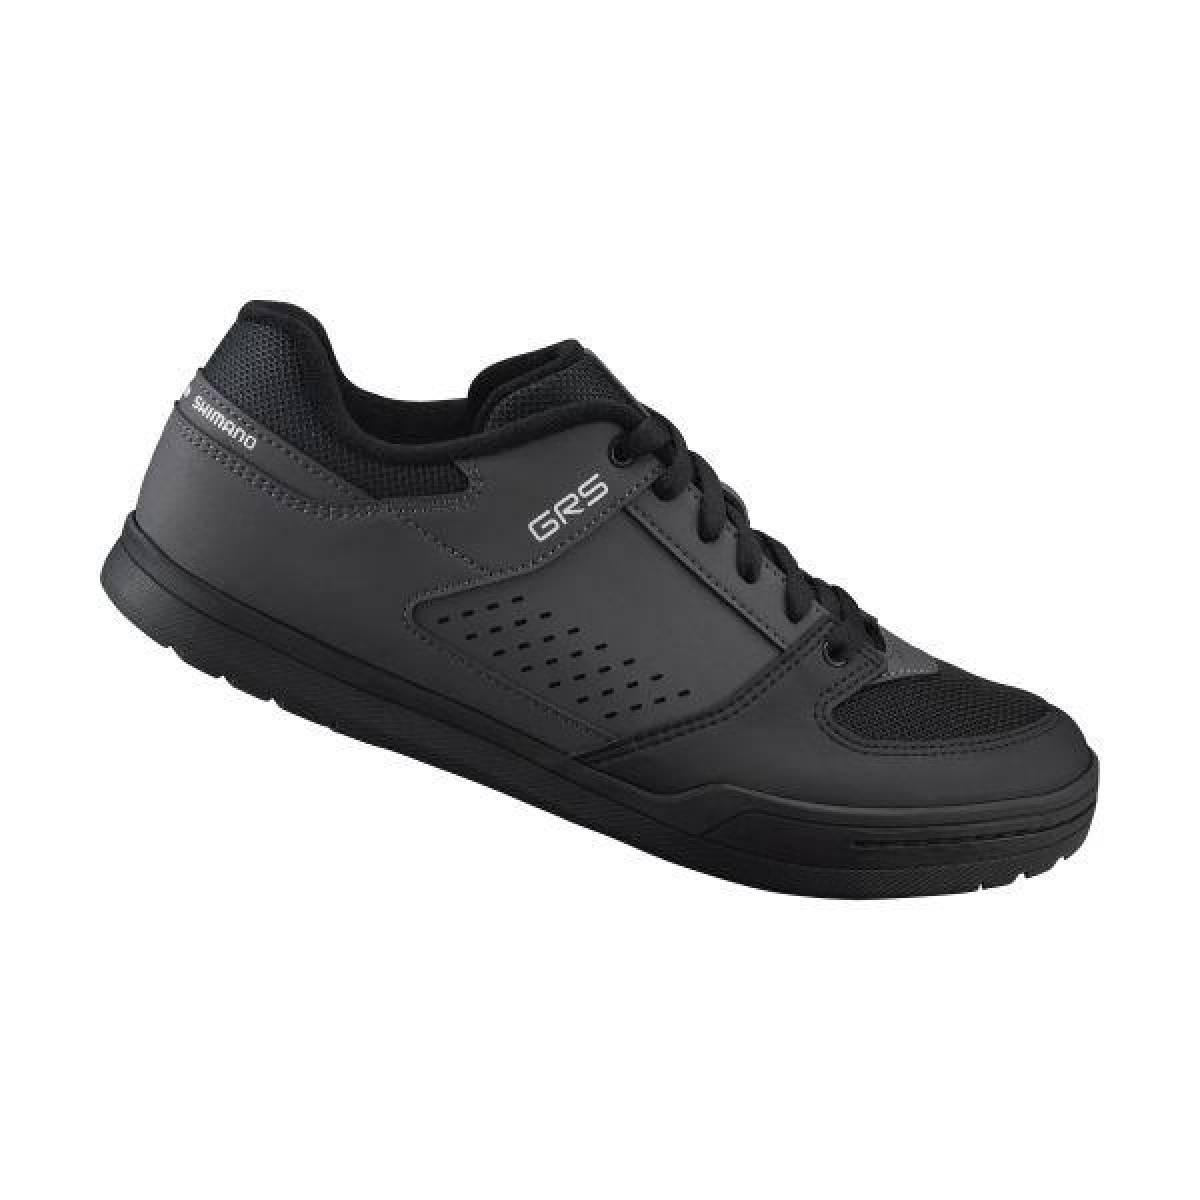 Shimano gravity obuv SH-GR500MN, šedá, 44